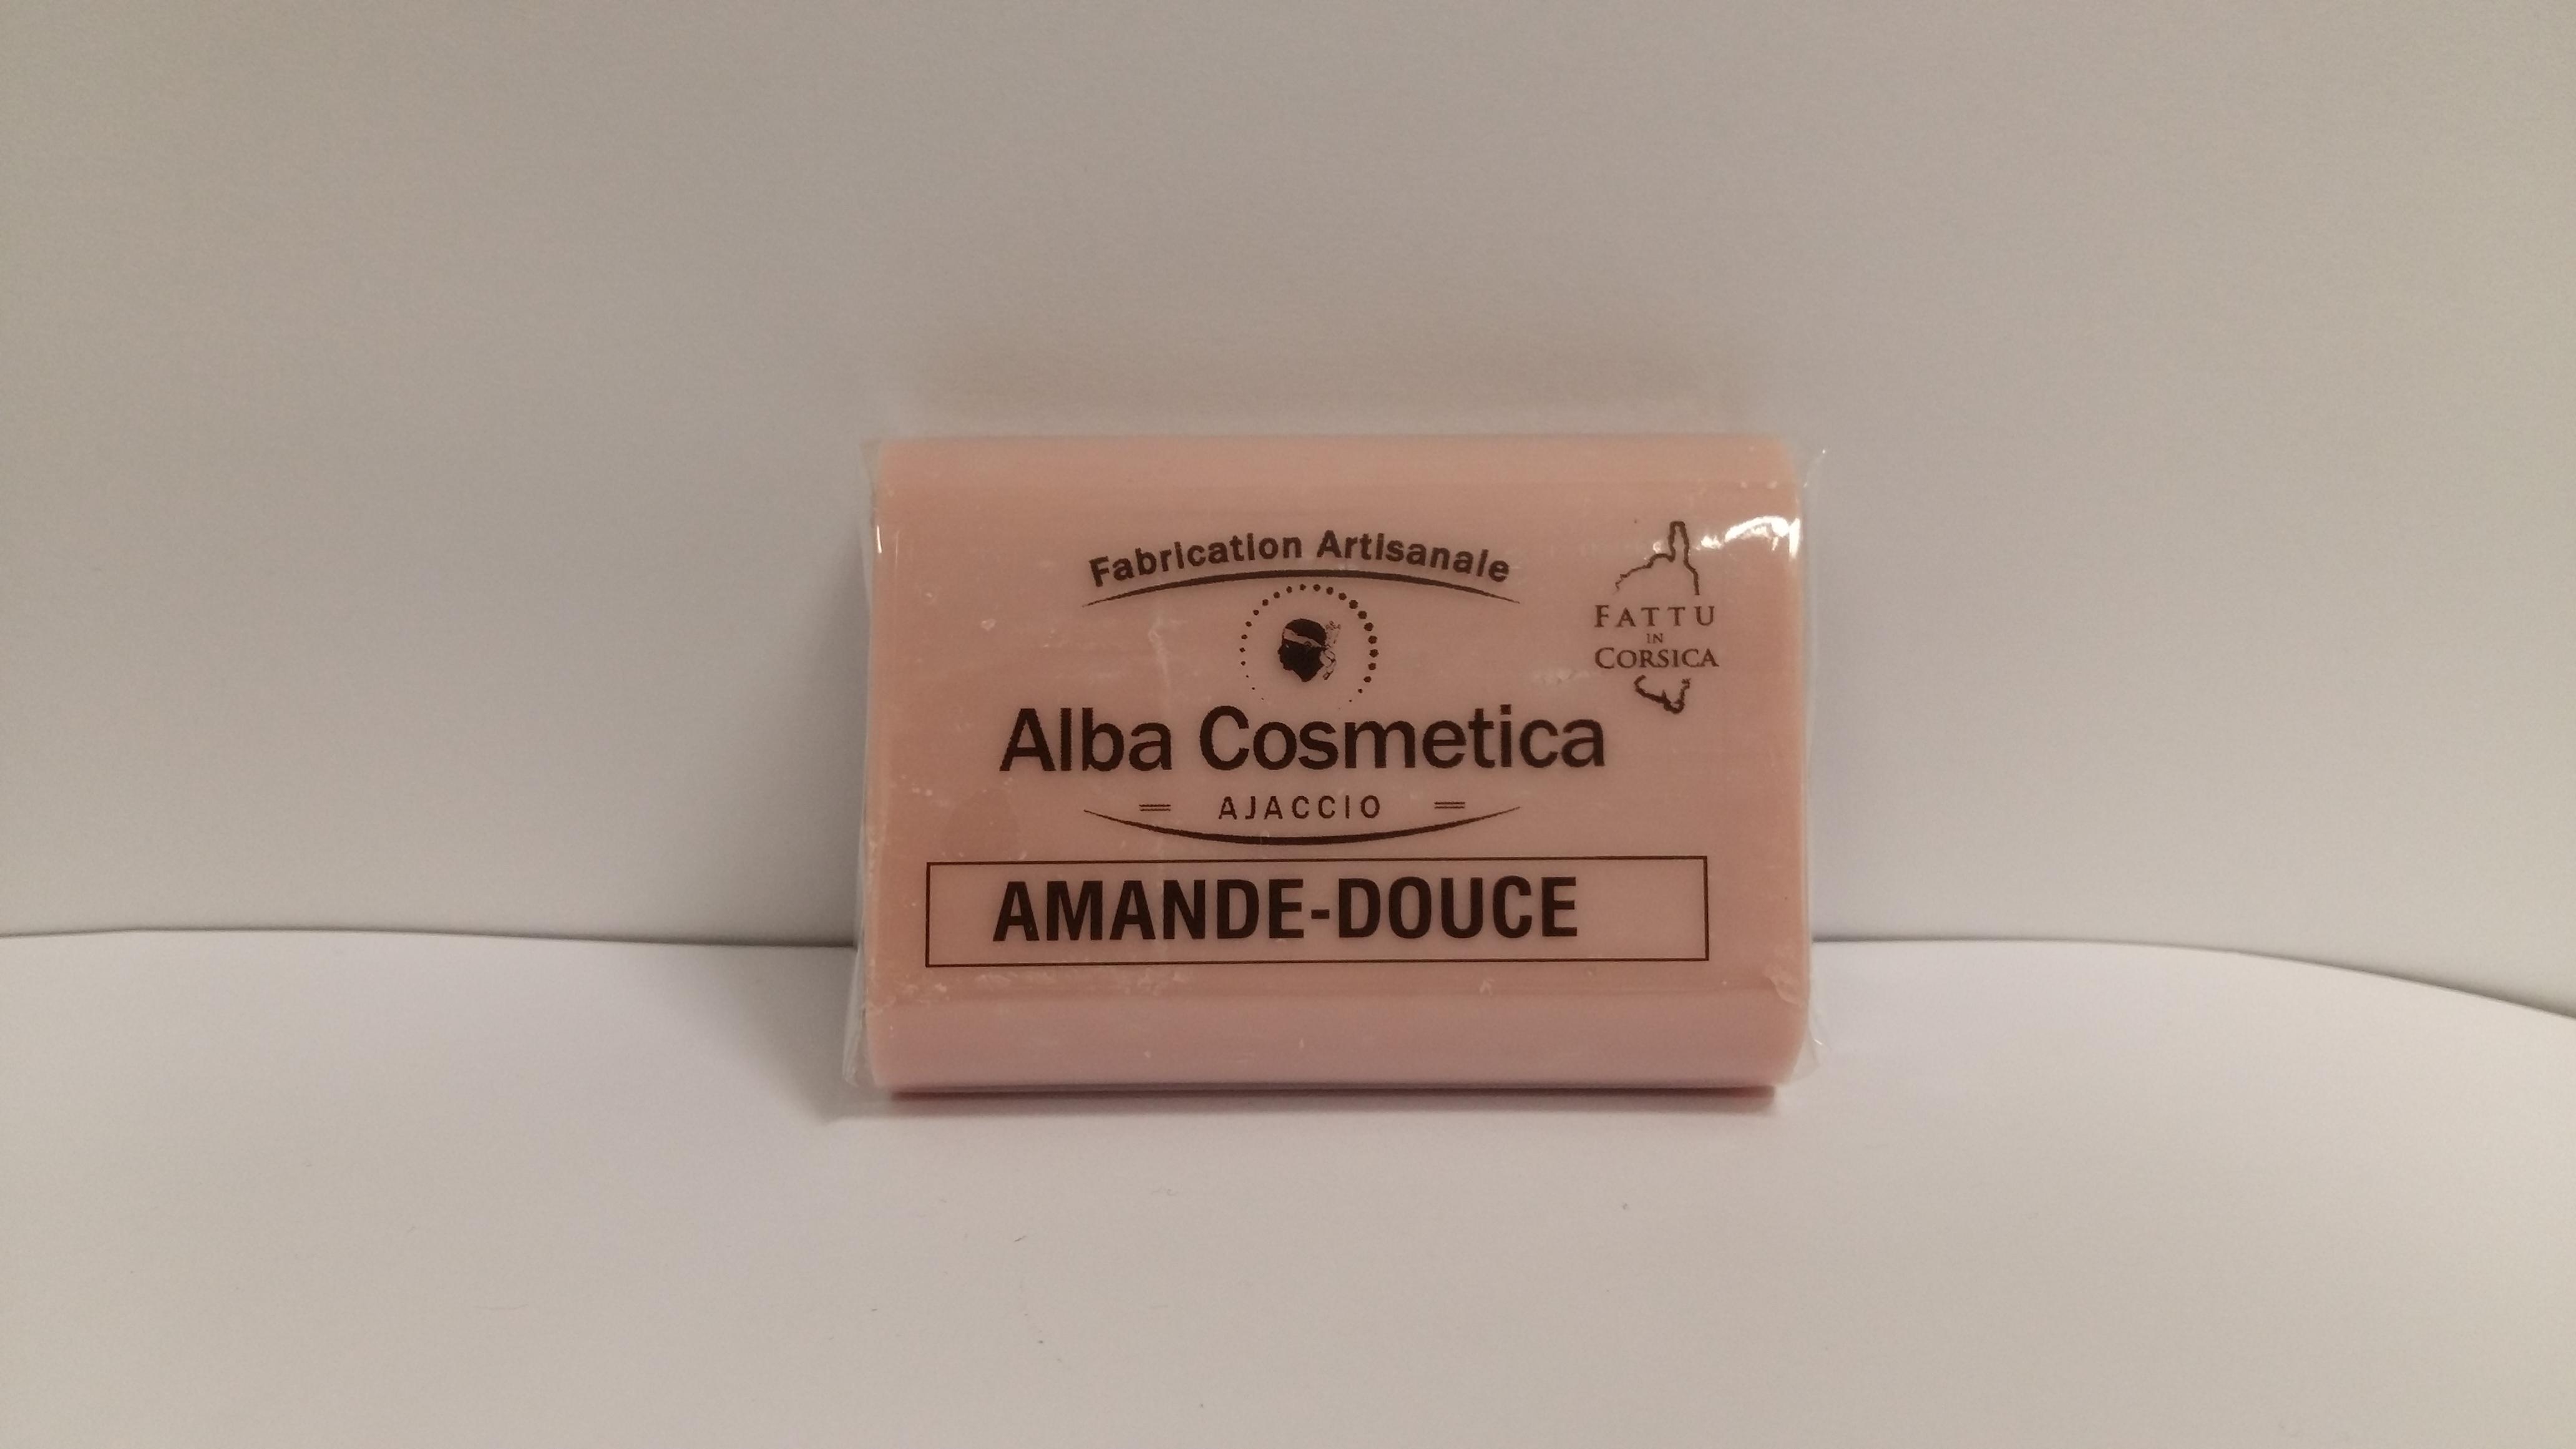 Avez vous déjà essayé nos produits ? Prenez soin de vous, de votre peau, de vos cellules !